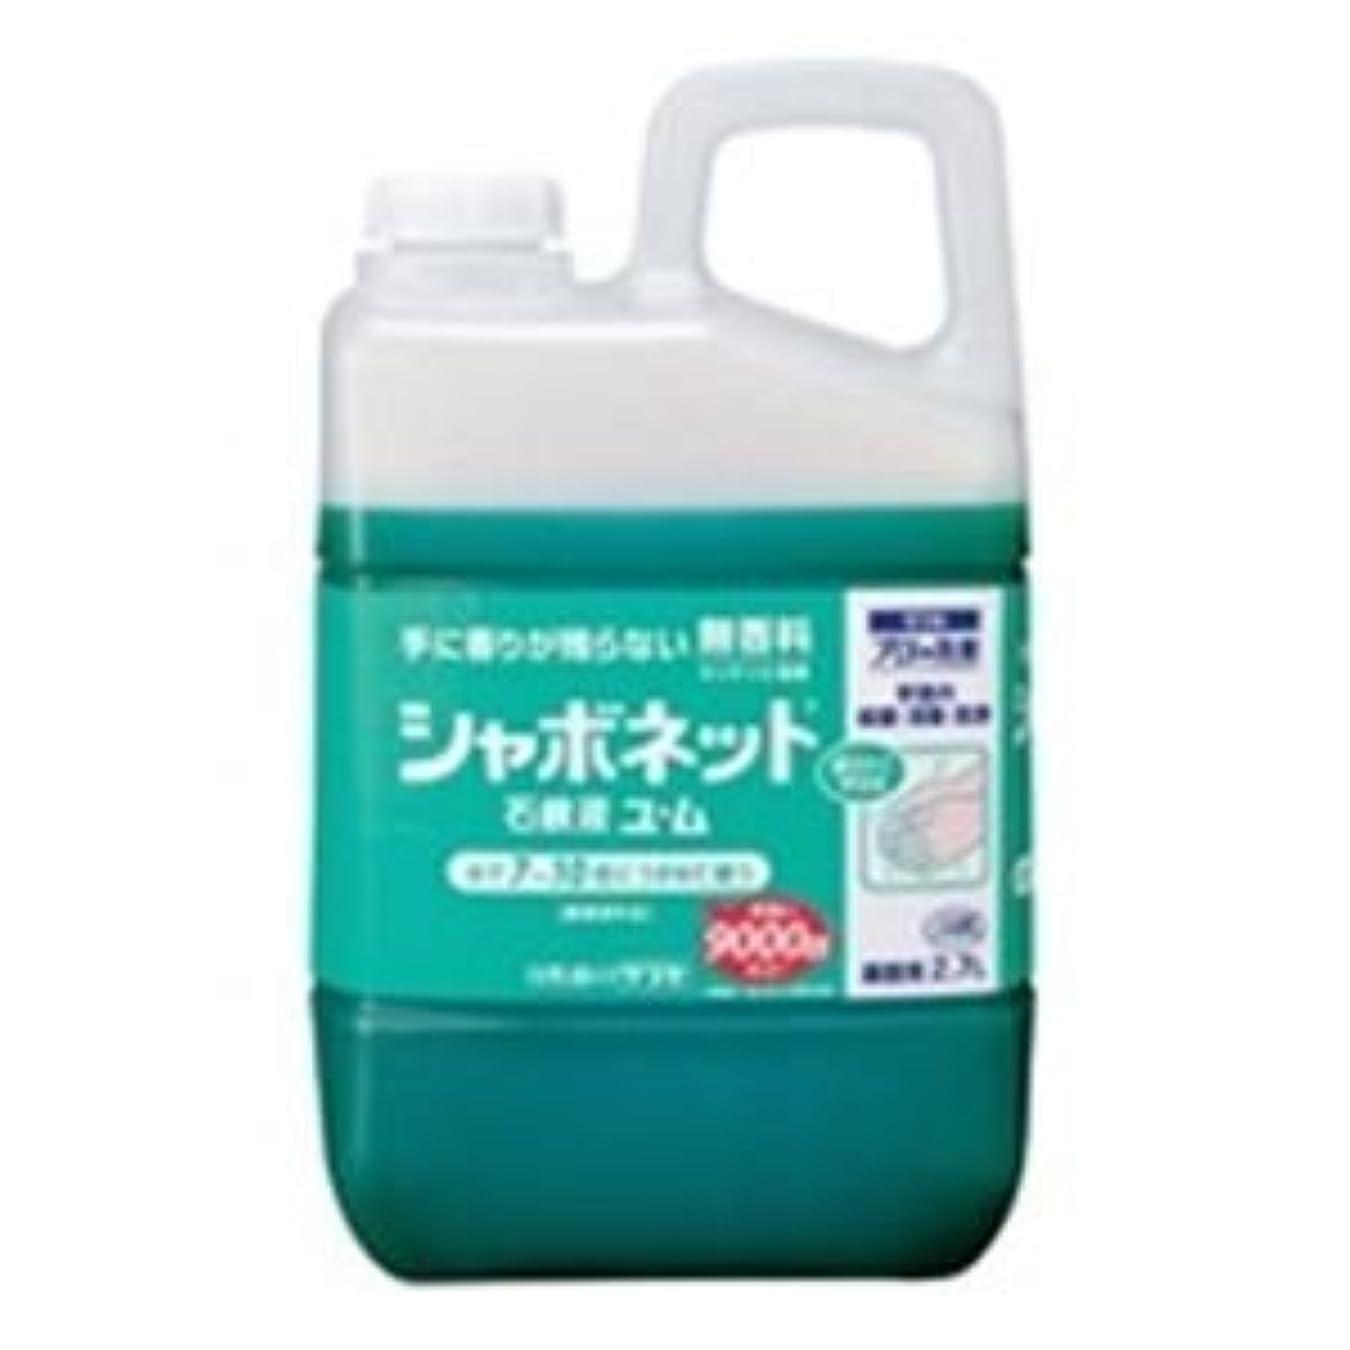 農業ハーフカンガルー( お徳用 5セット ) 東京サラヤ シャボネット 石鹸液ユ?ム 2.7L